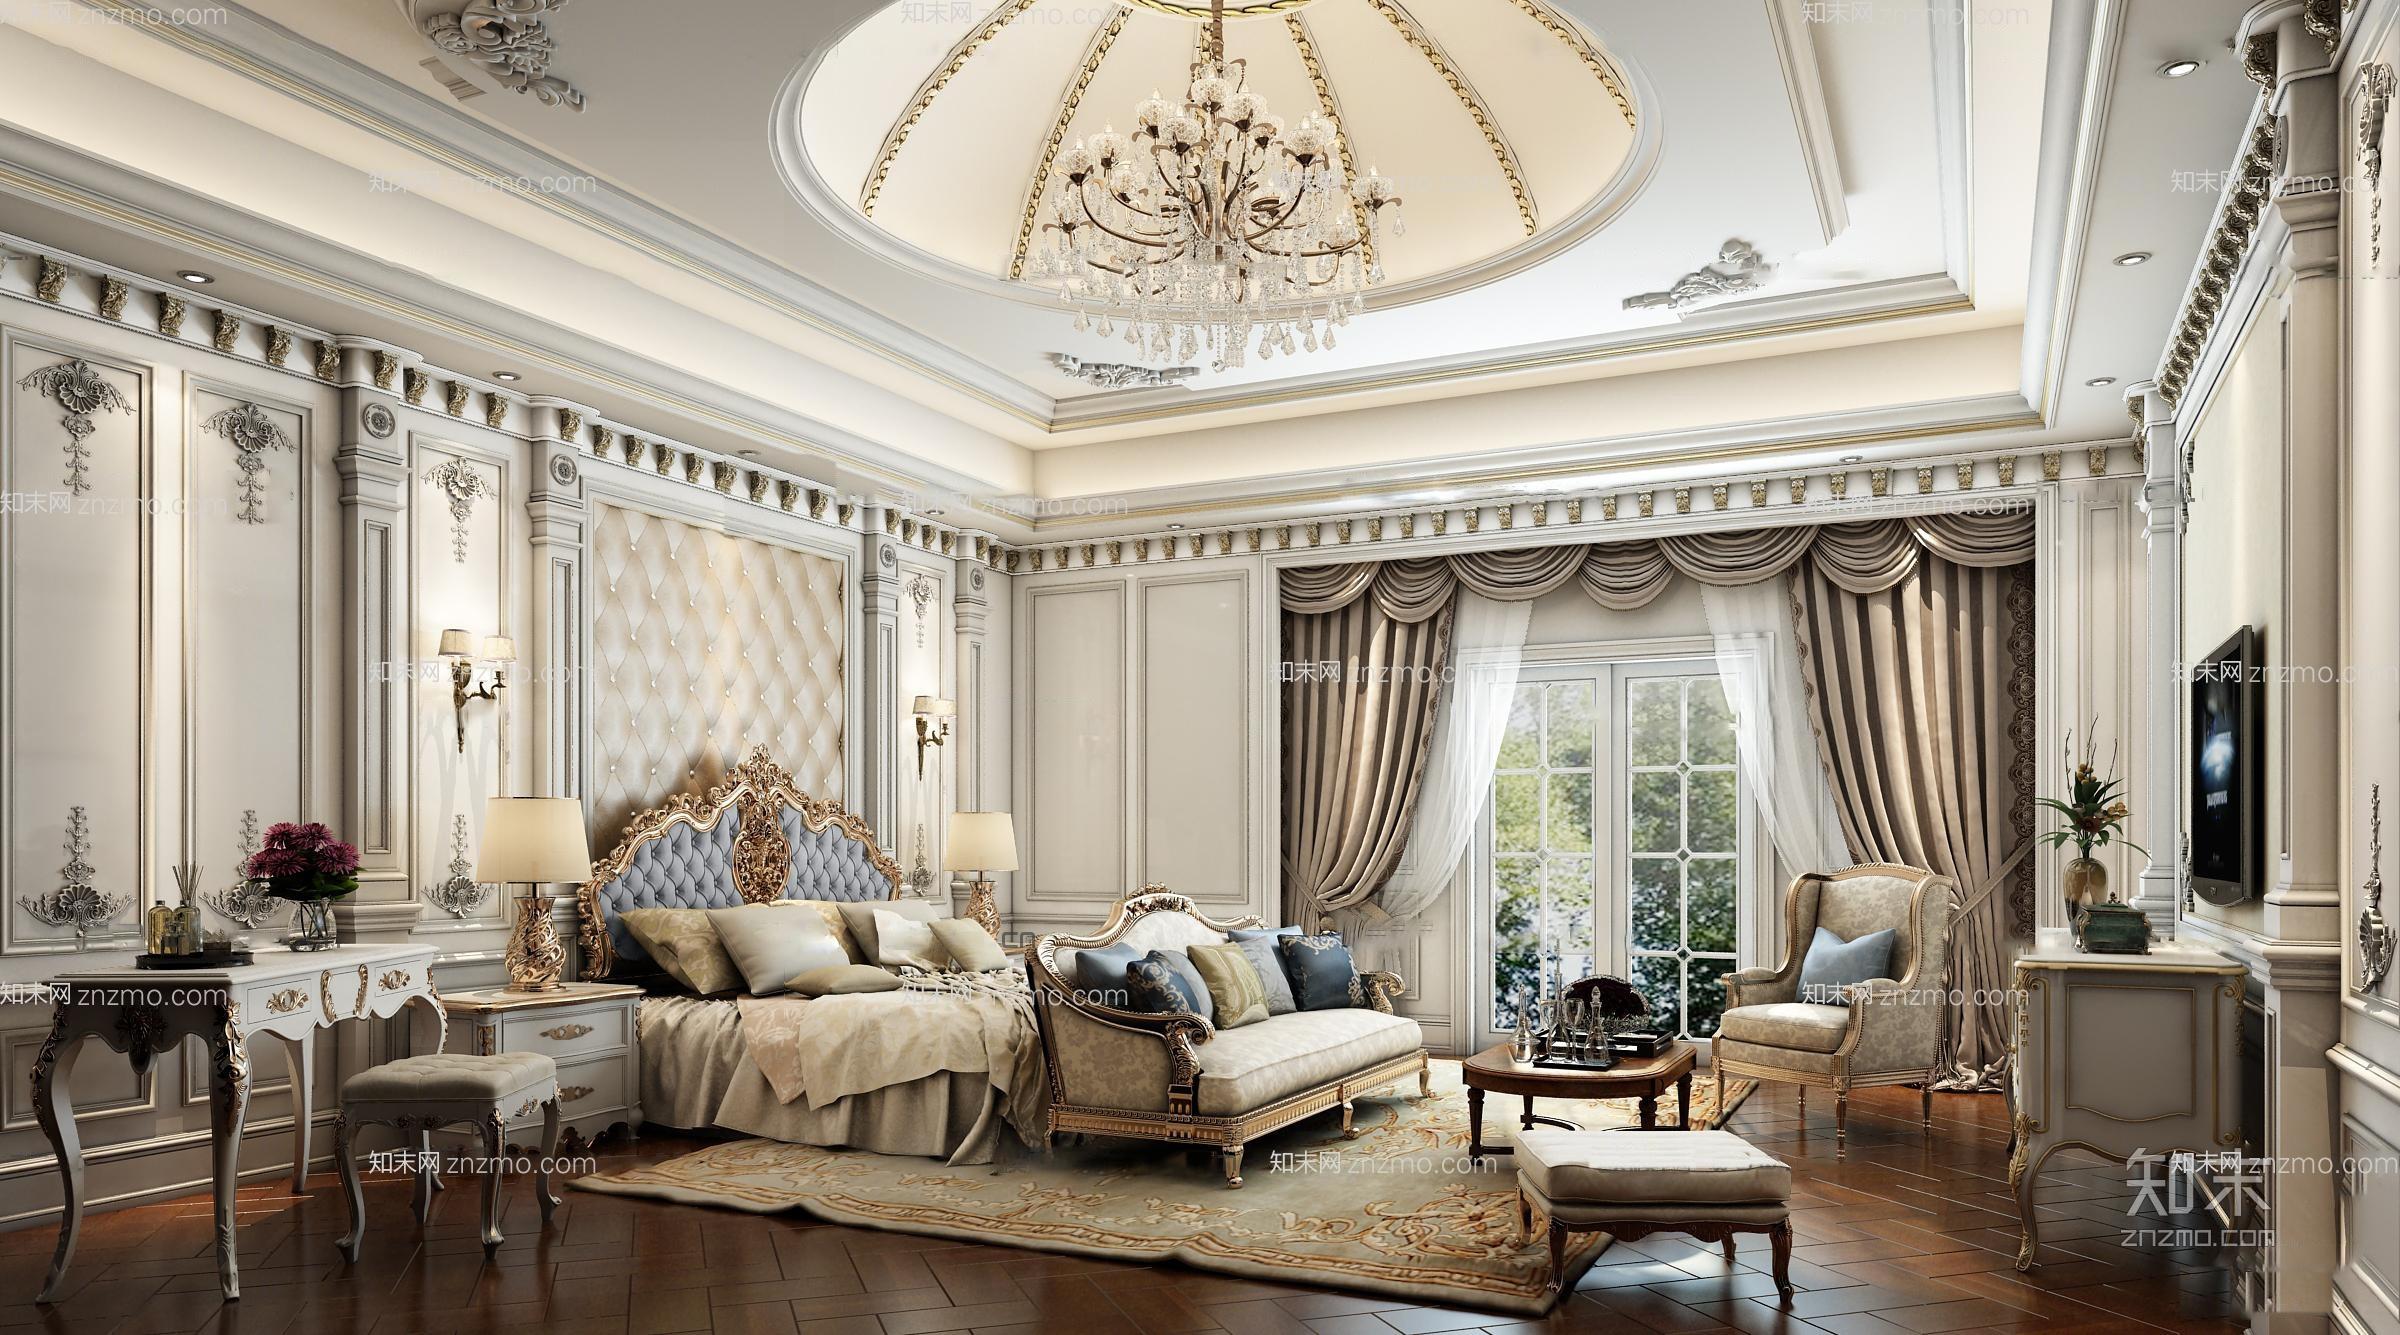 欧式奢华卧室 水晶吊灯 双人床 床头柜 台灯 电视柜 沙发茶几 脚凳